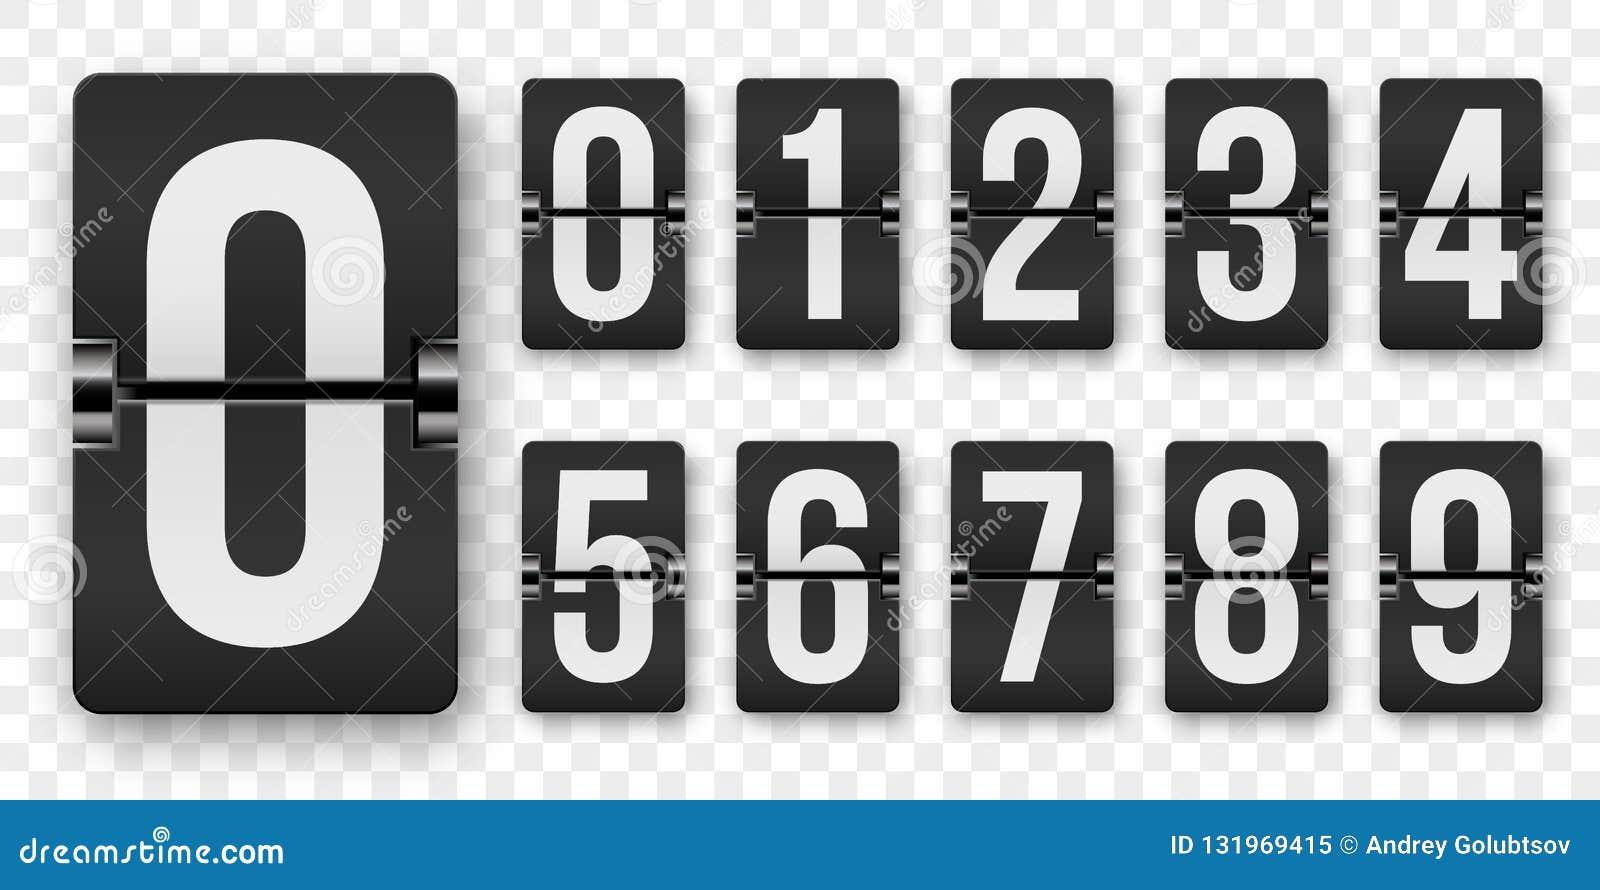 Odliczanie liczb trzepnięcia kontuaru wektor odizolowywający set Retro stylowy trzepnięcia tablica wyników lub zegaru liczb machi